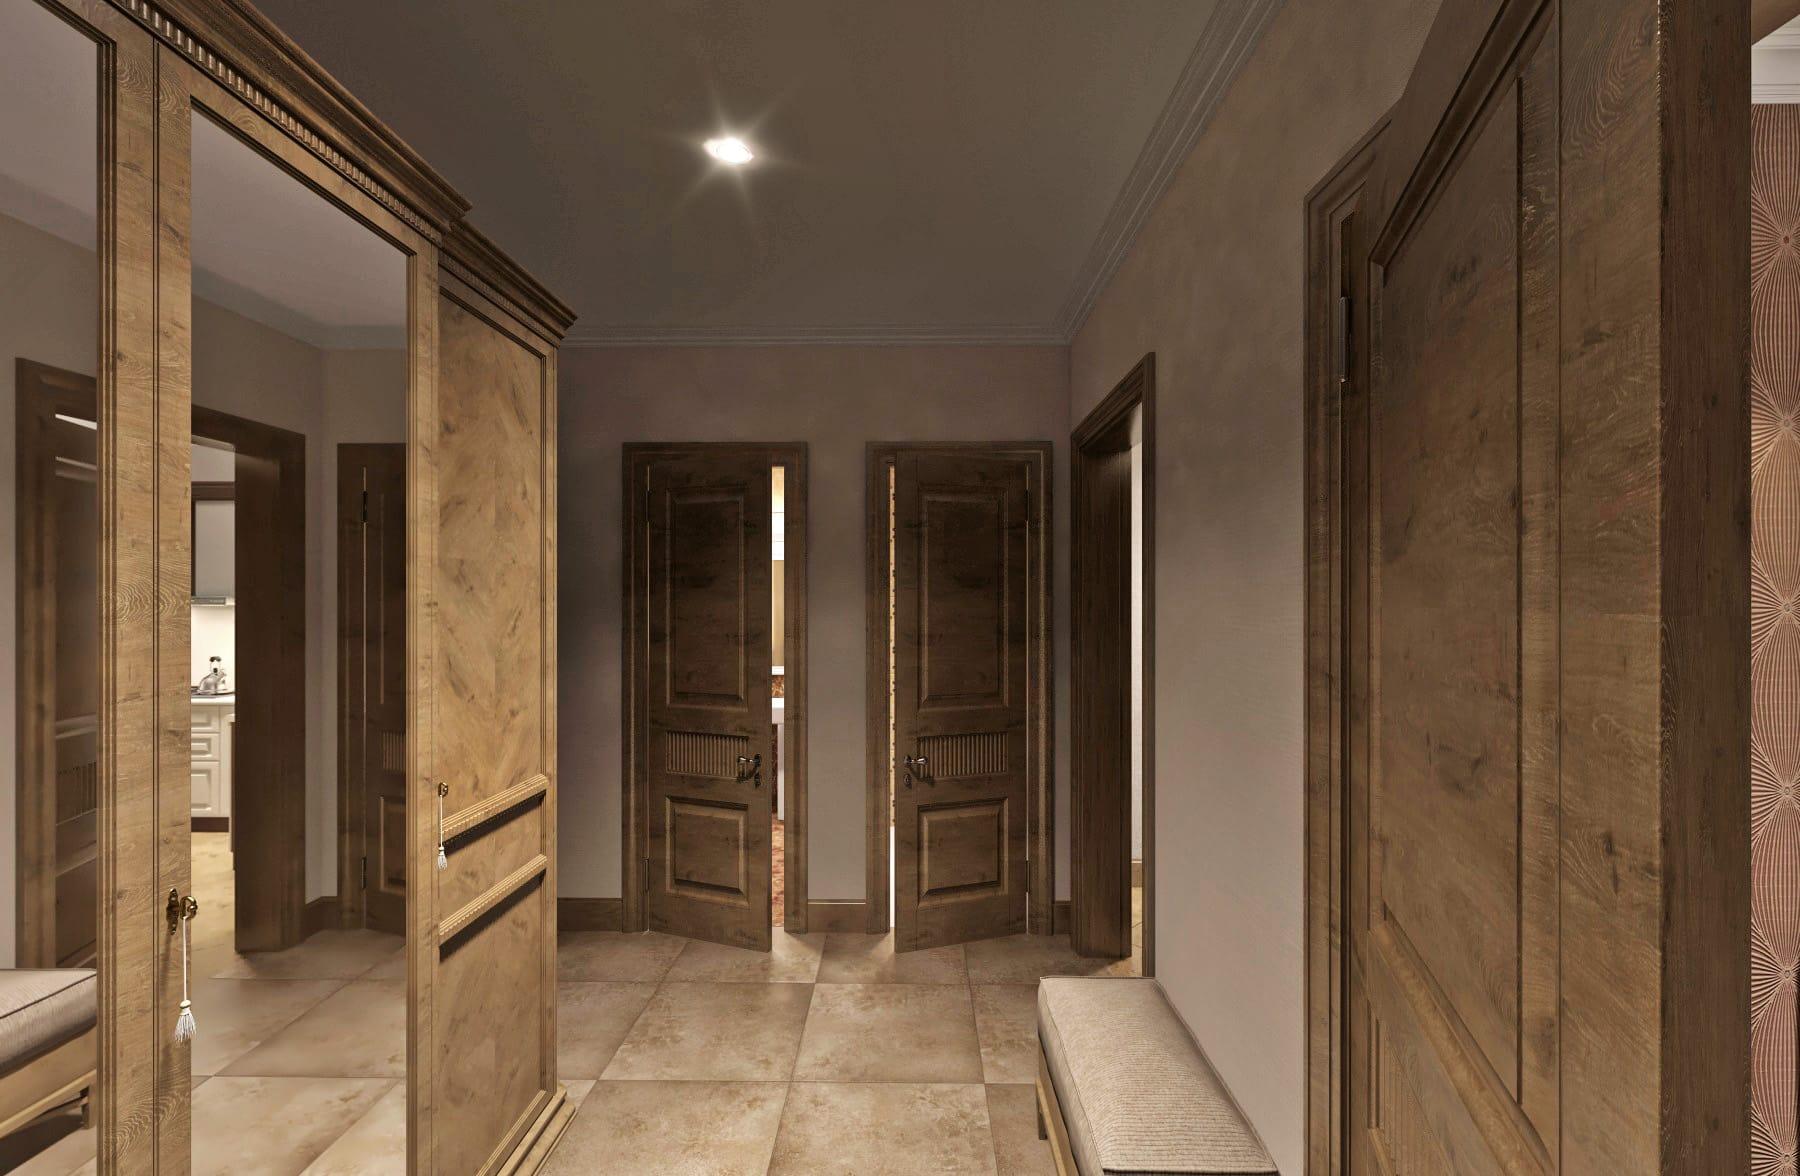 Дизайн интерьера в Ставрополе шкаф в коридоре одинаковые двери 2